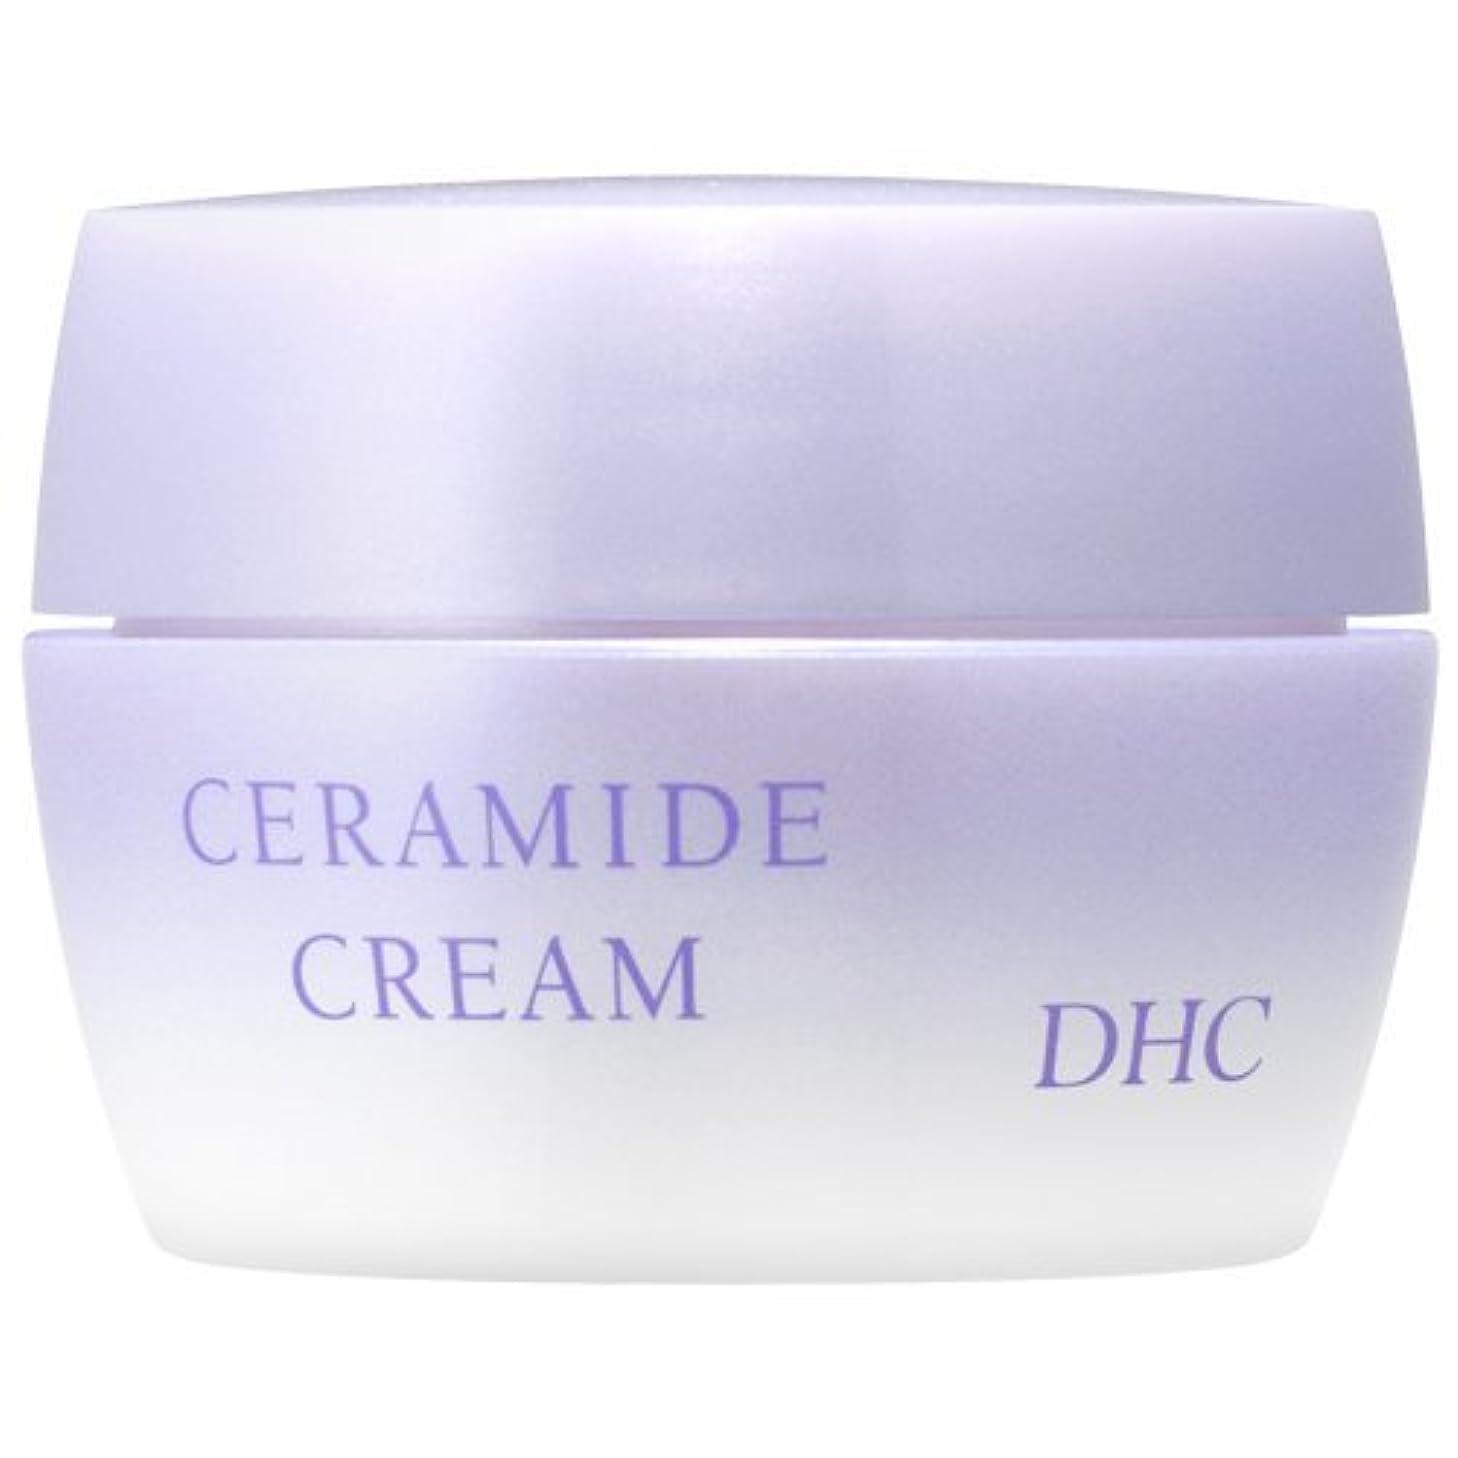 【医薬部外品】DHC薬用セラミドクリーム